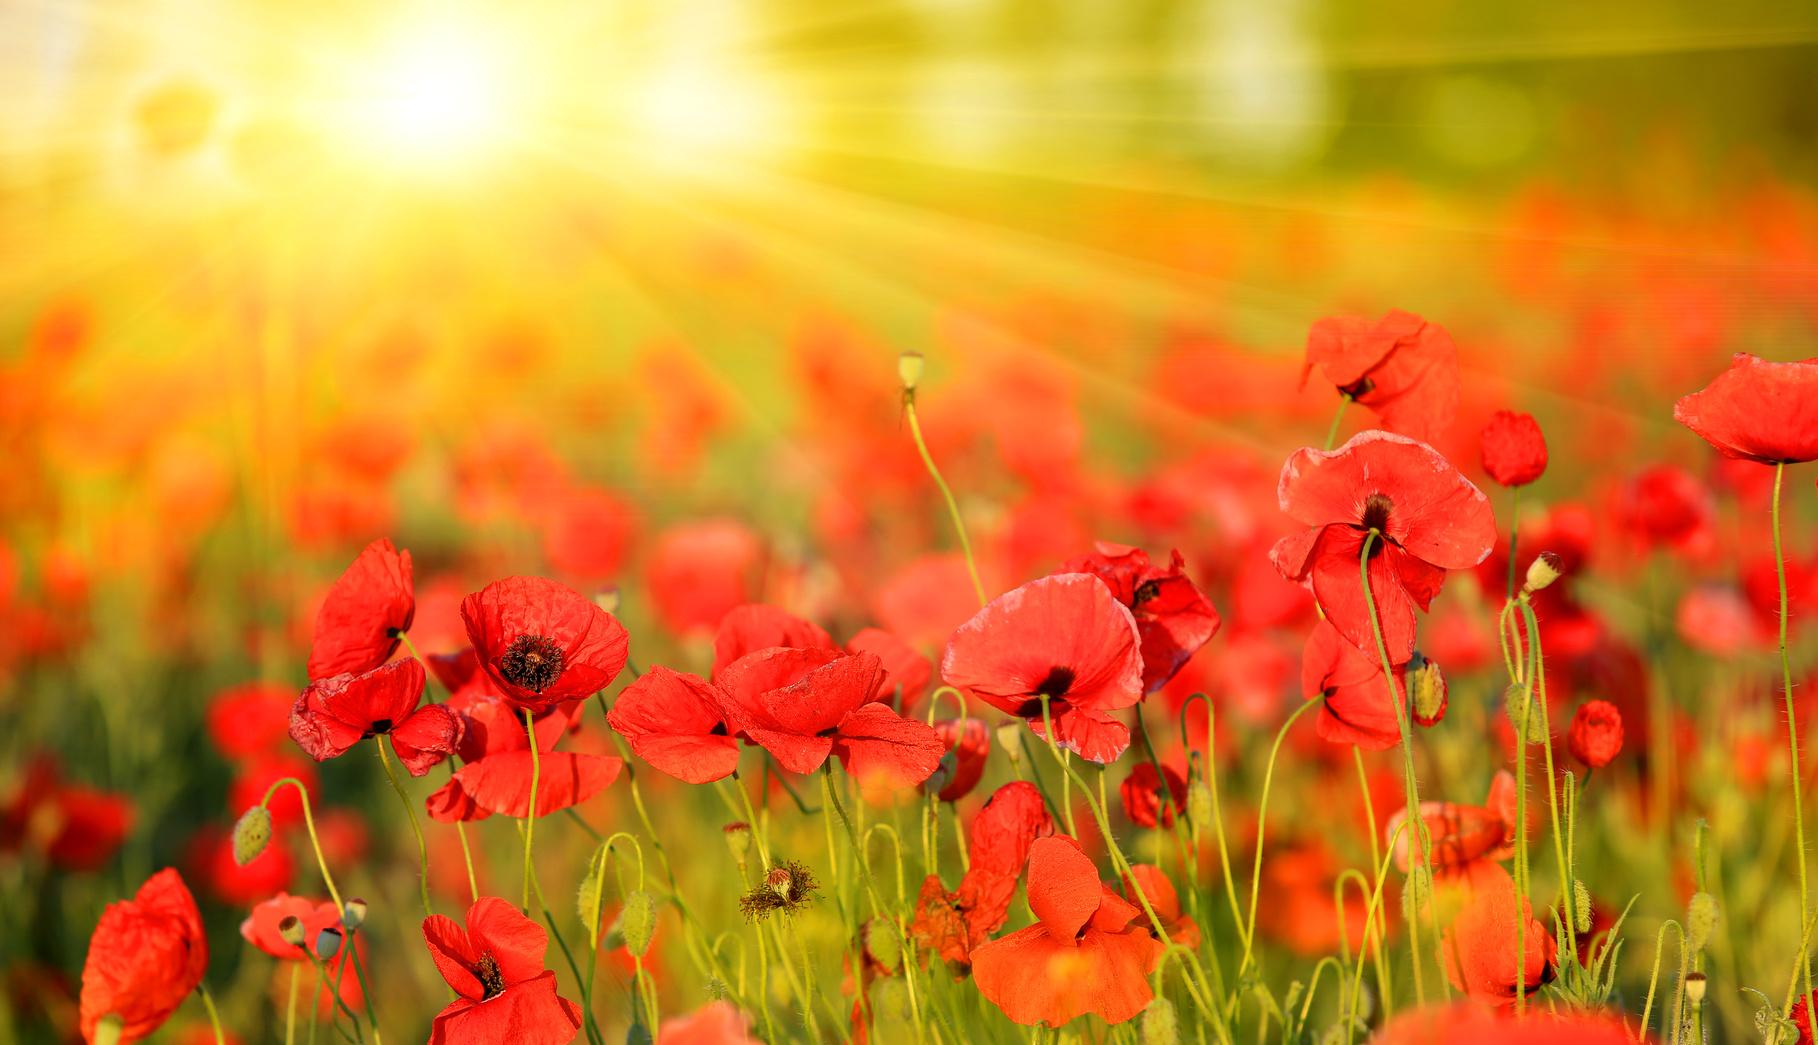 poppy field in summer day